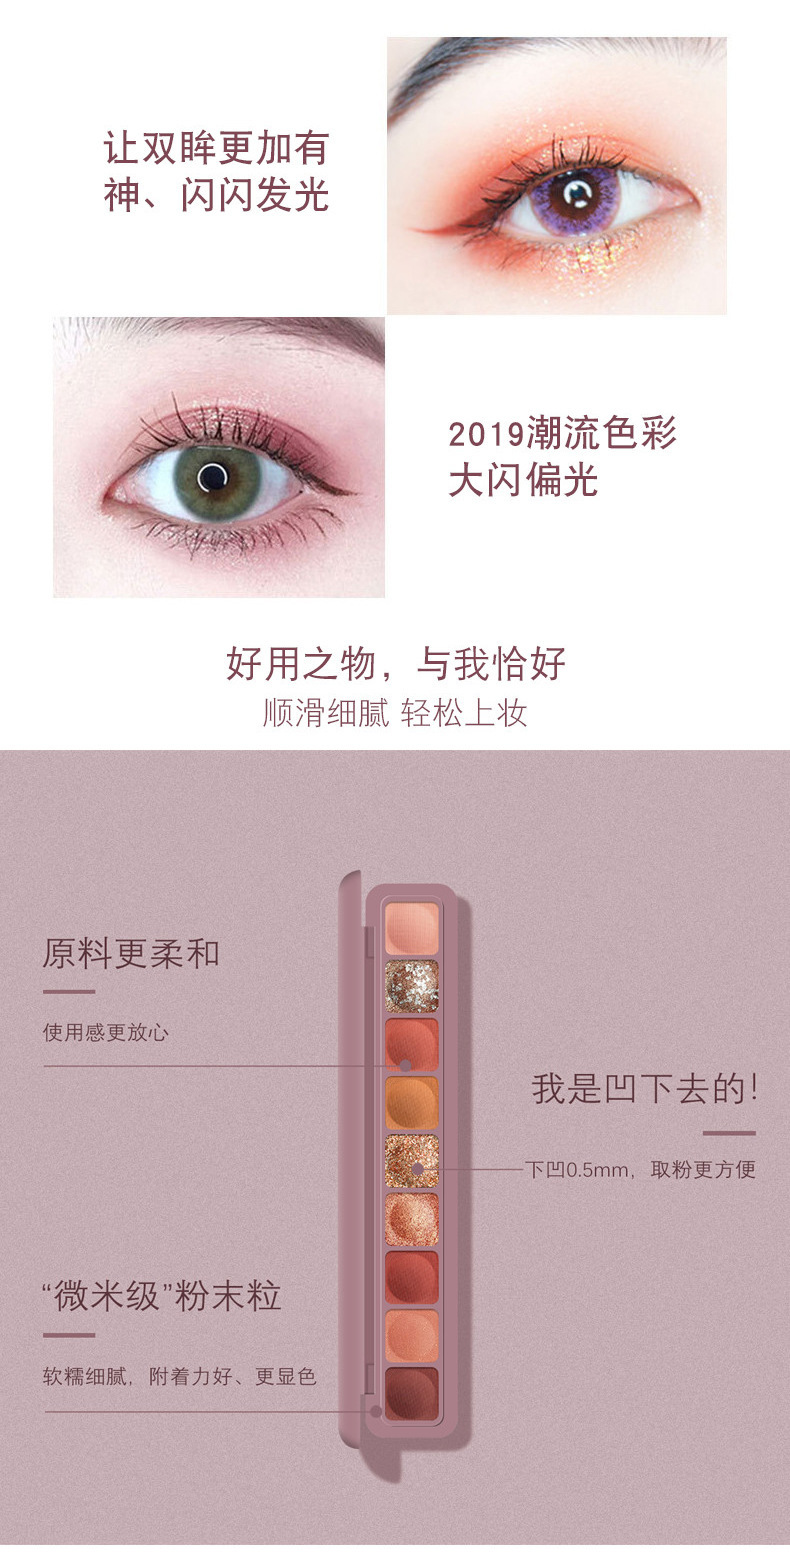 Keyboard Fingertip Nine Color Eye Shadow Waterproof Pearly Lustre Eyeshadow Compact Best Promo C21e1 Cicig